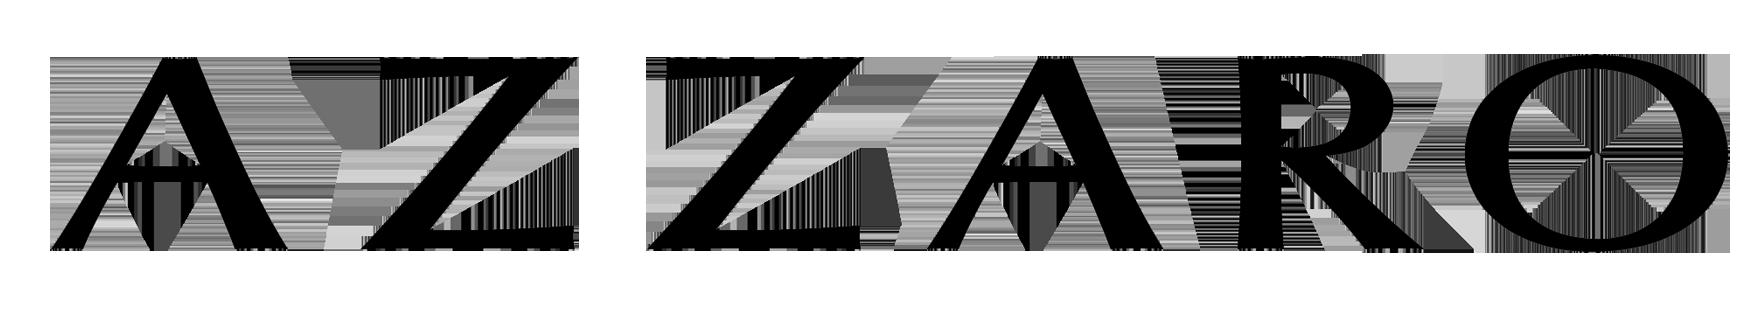 Azzaro. Azzaro Logo - Azzaro, Transparent background PNG HD thumbnail